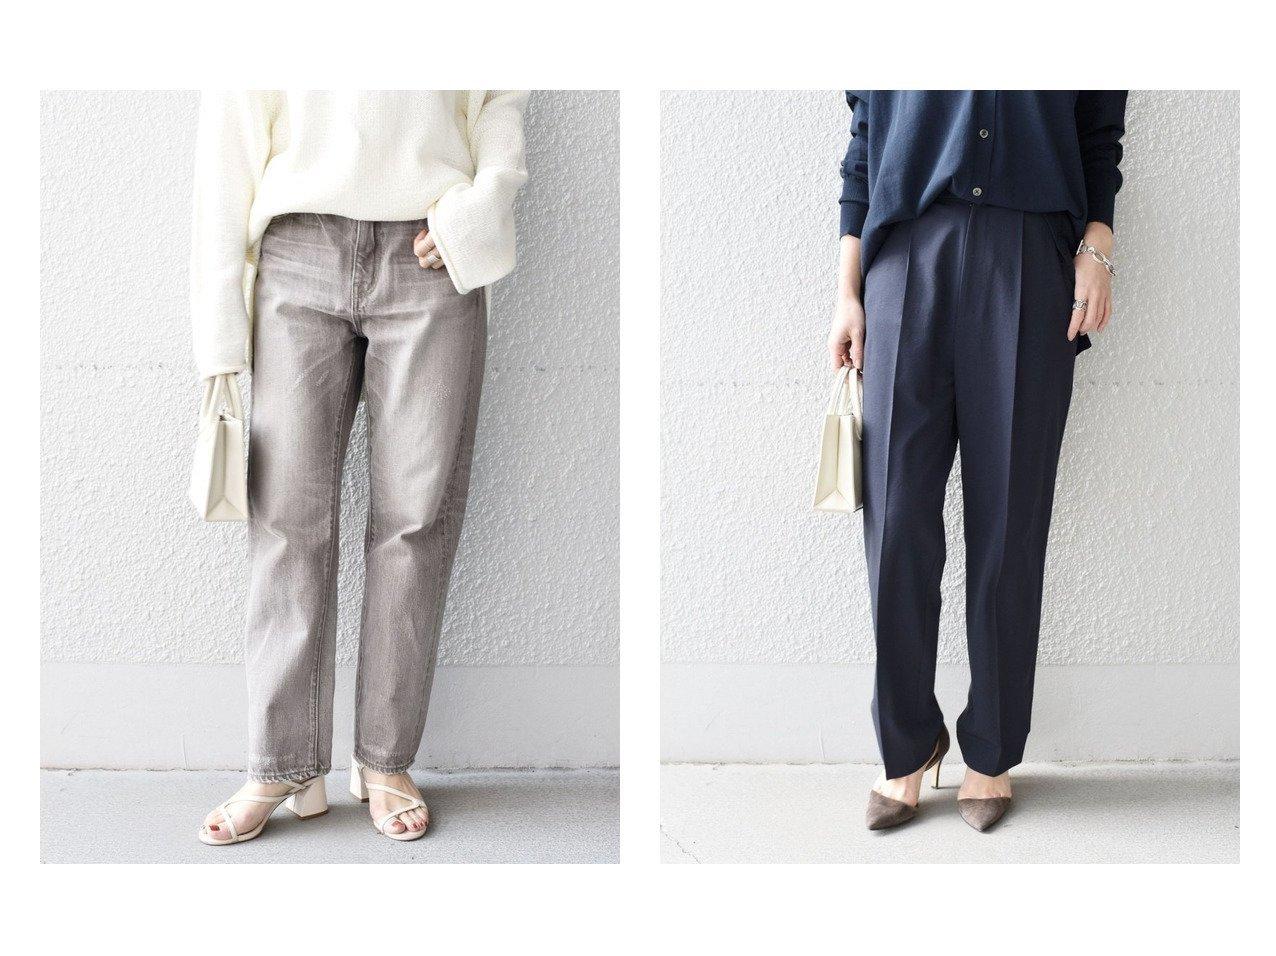 【SHIPS/シップス フォー ウィメン】のリサイクルポリエステルタックパンツ&スリムストレートデニム gray パンツのおすすめ!人気、トレンド・レディースファッションの通販 おすすめで人気の流行・トレンド、ファッションの通販商品 メンズファッション・キッズファッション・インテリア・家具・レディースファッション・服の通販 founy(ファニー) https://founy.com/ ファッション Fashion レディースファッション WOMEN パンツ Pants シンプル ジーンズ 再入荷 Restock/Back in Stock/Re Arrival NEW・新作・新着・新入荷 New Arrivals ストレート ヴィンテージ 人気 |ID:crp329100000011716